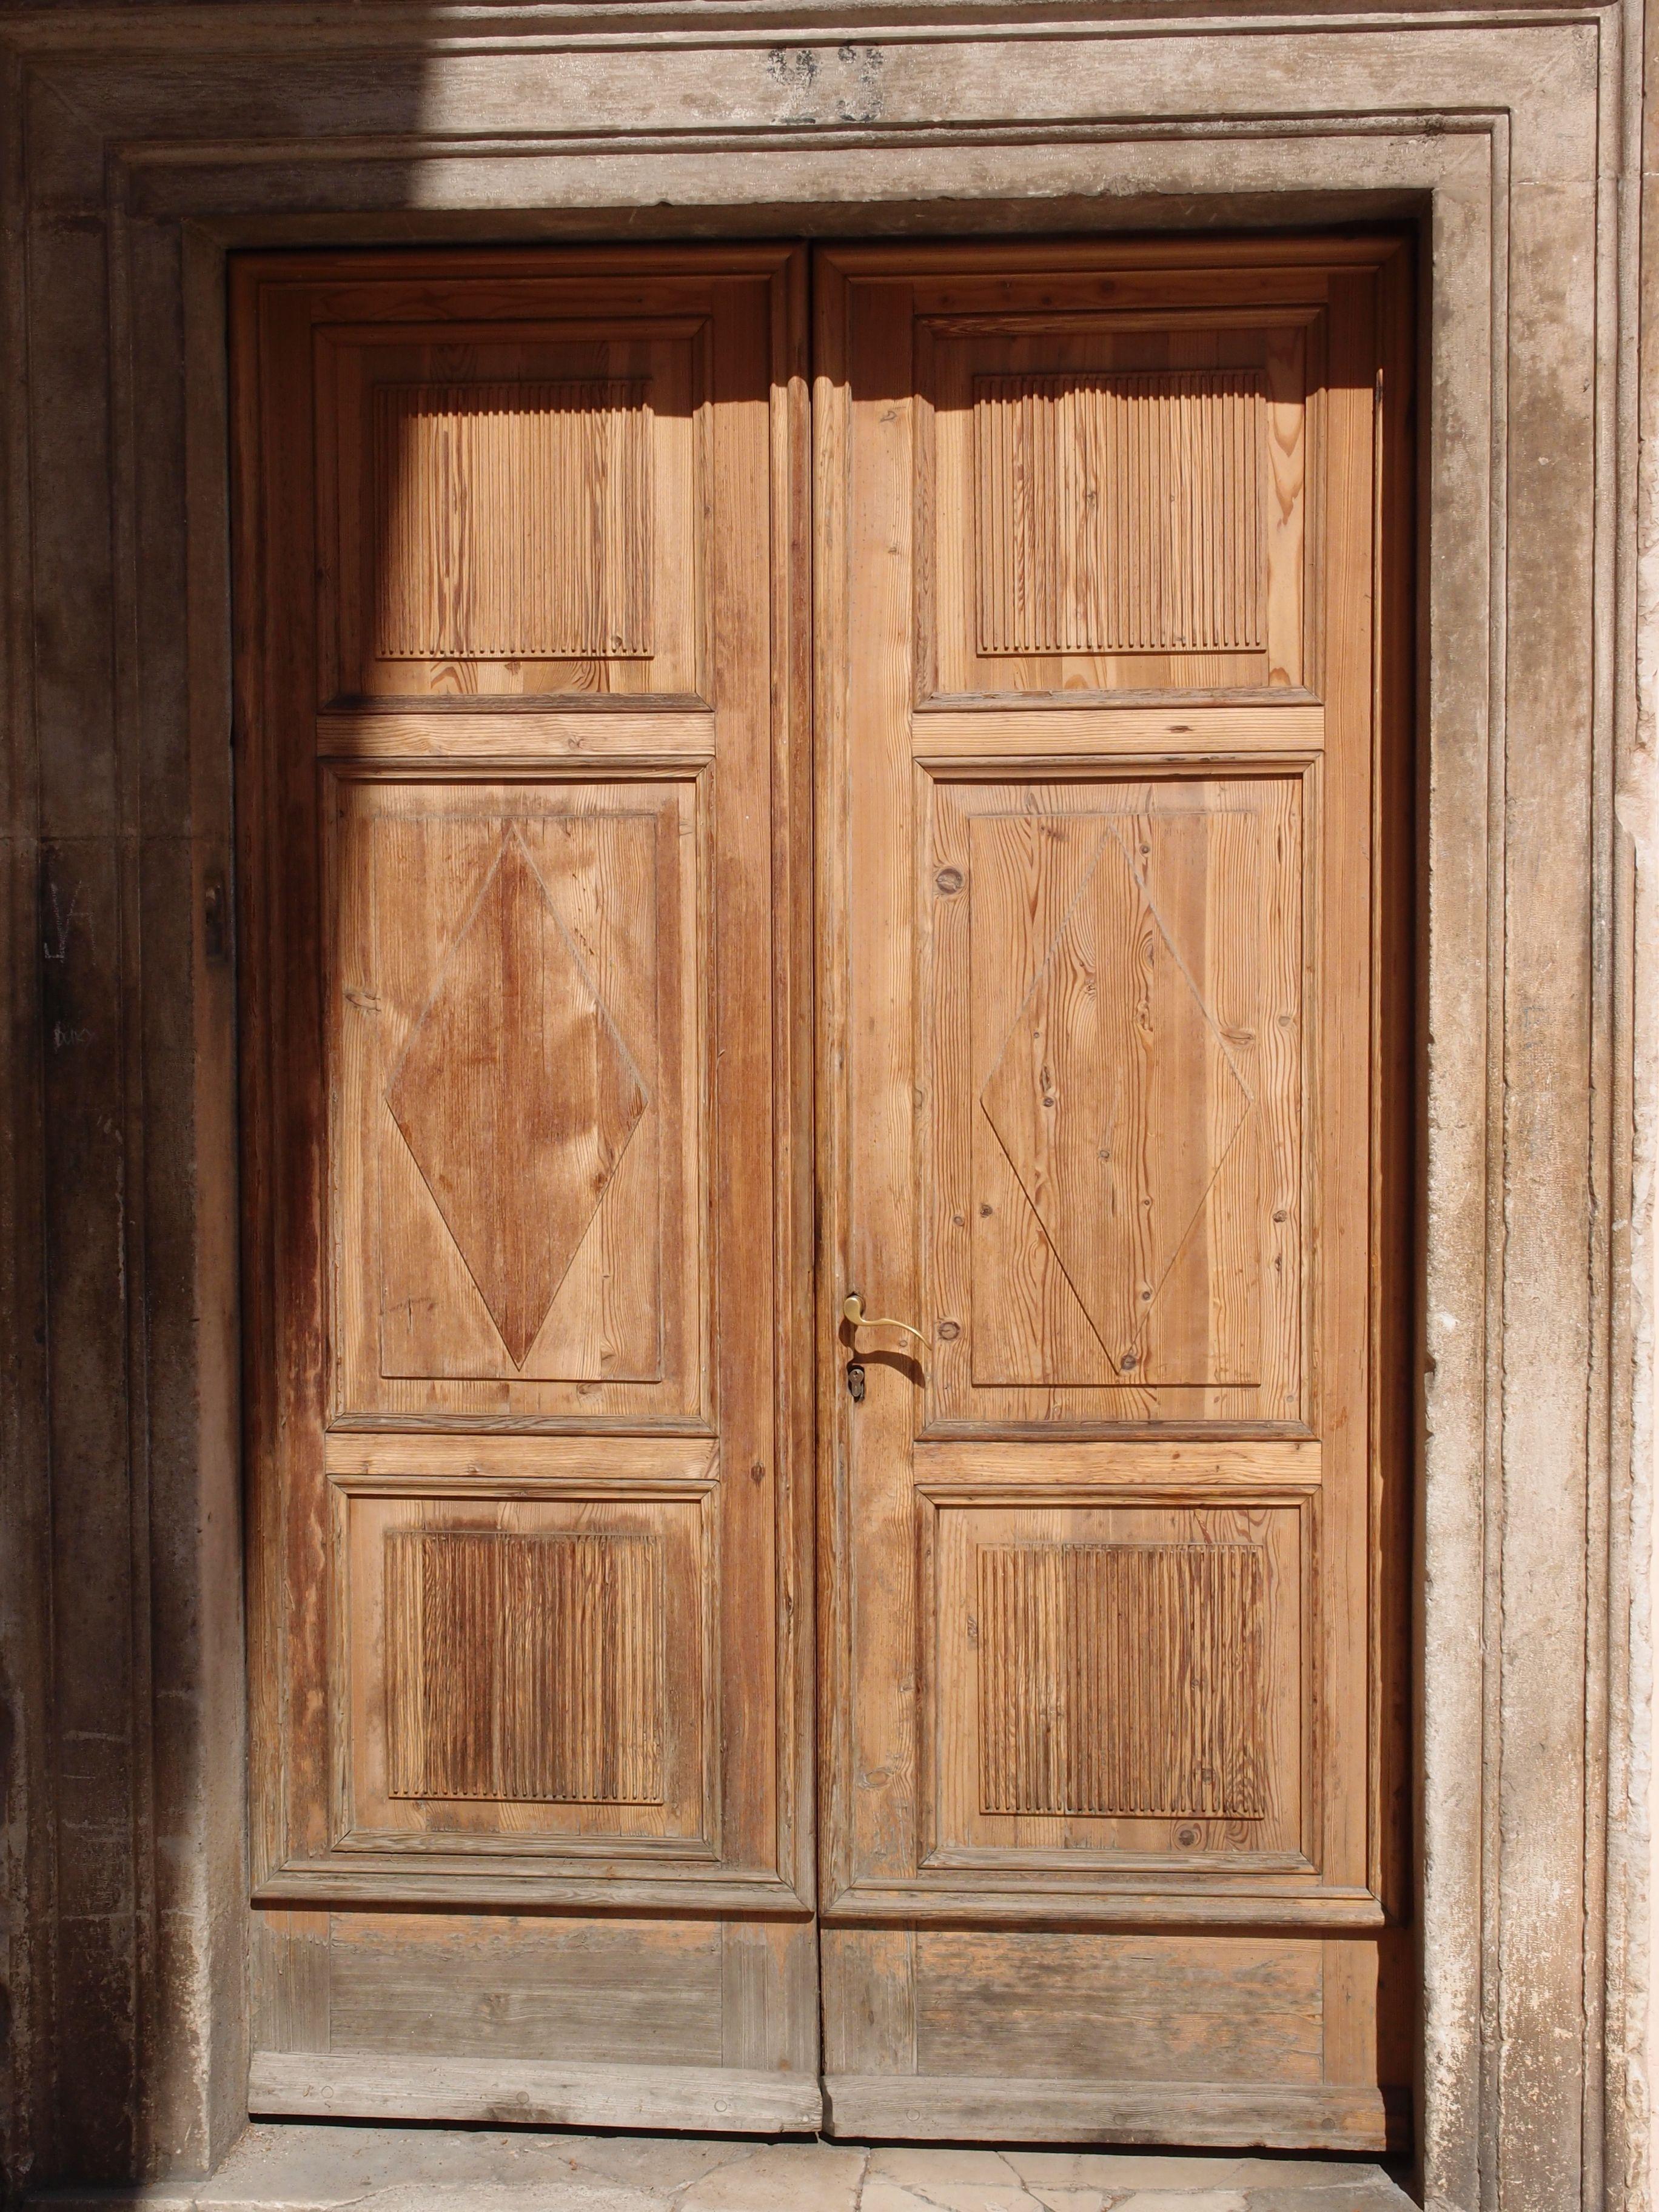 Wooden doors Zadar Croatia. Photographed by Marleen van de Kraats no photoshop or & Wooden doors Zadar Croatia. Photographed by Marleen van de Kraats ...